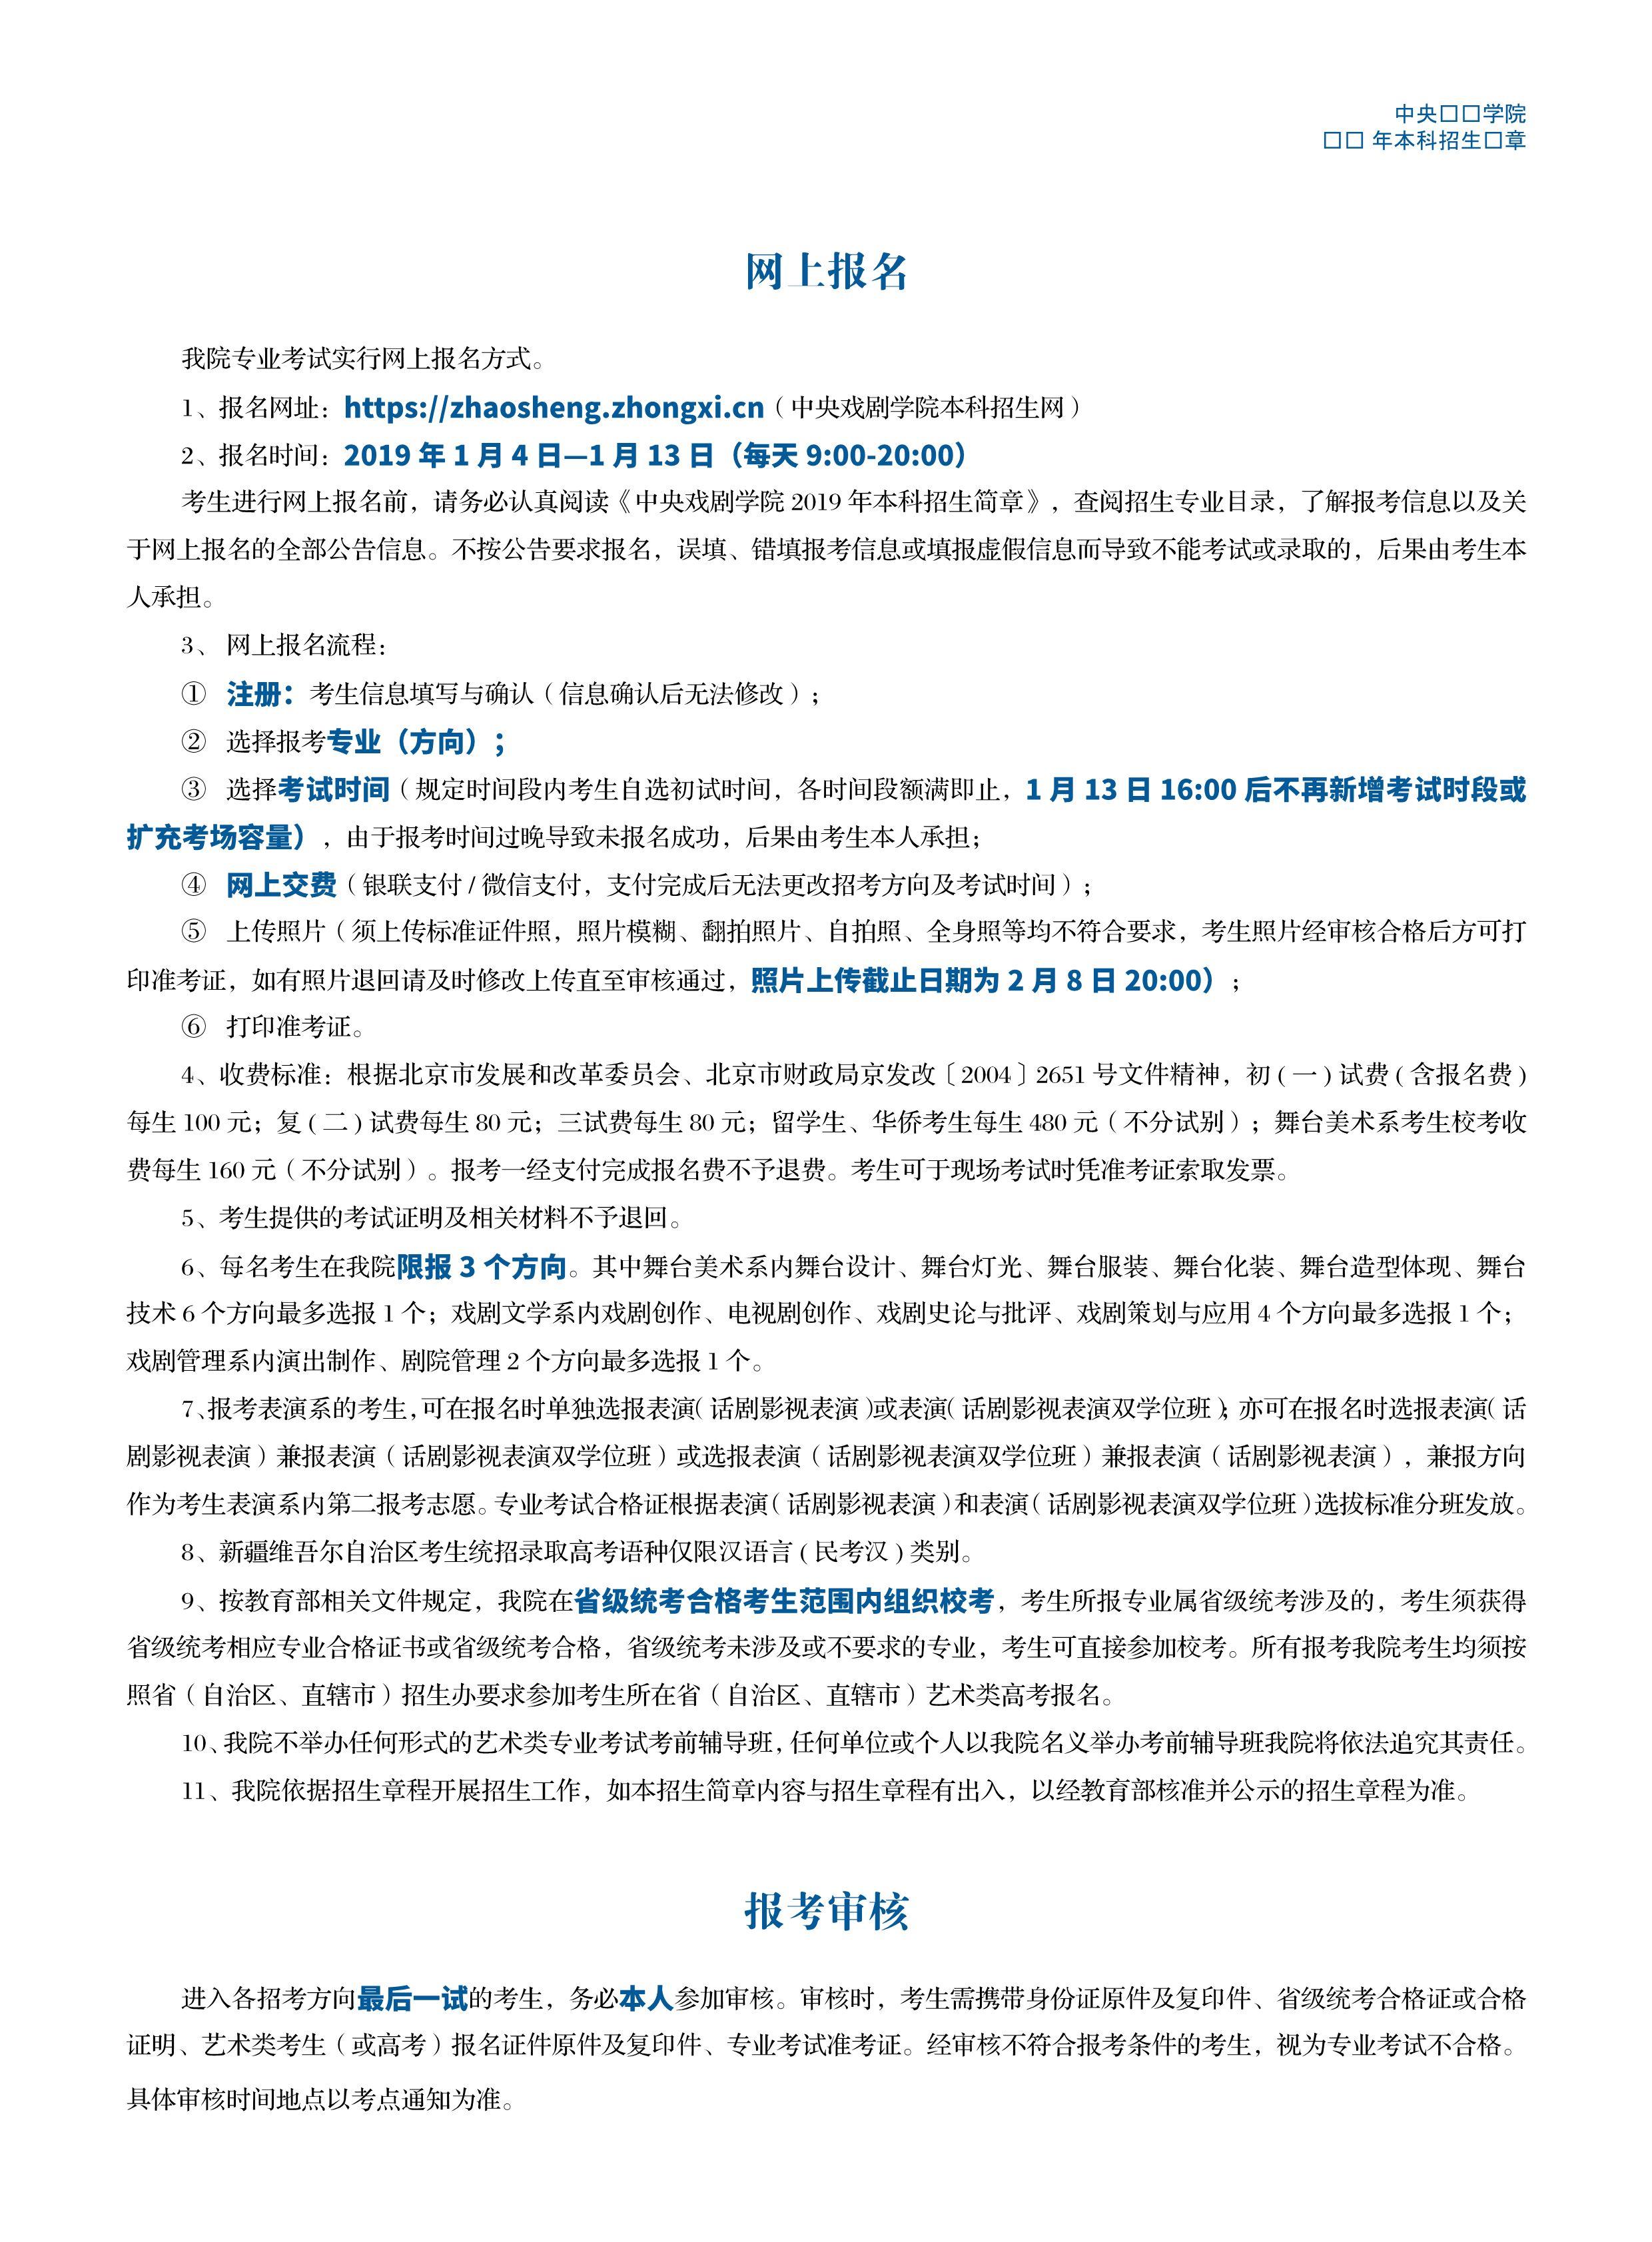 中心戲劇學院2019年本科招生簡章07